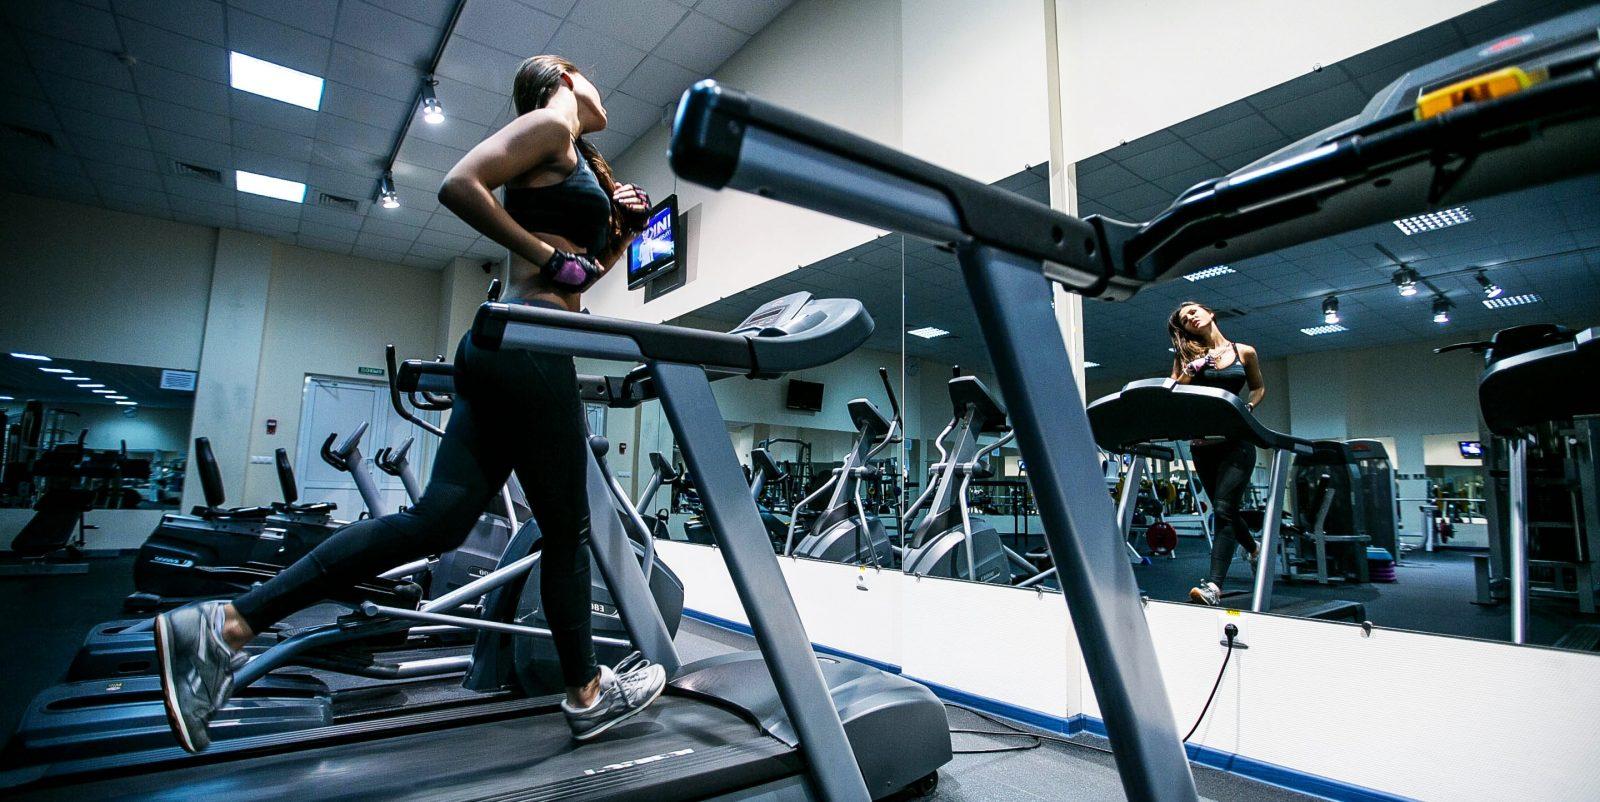 Спортивная девушка выполняет пробежку в тренажерном зале